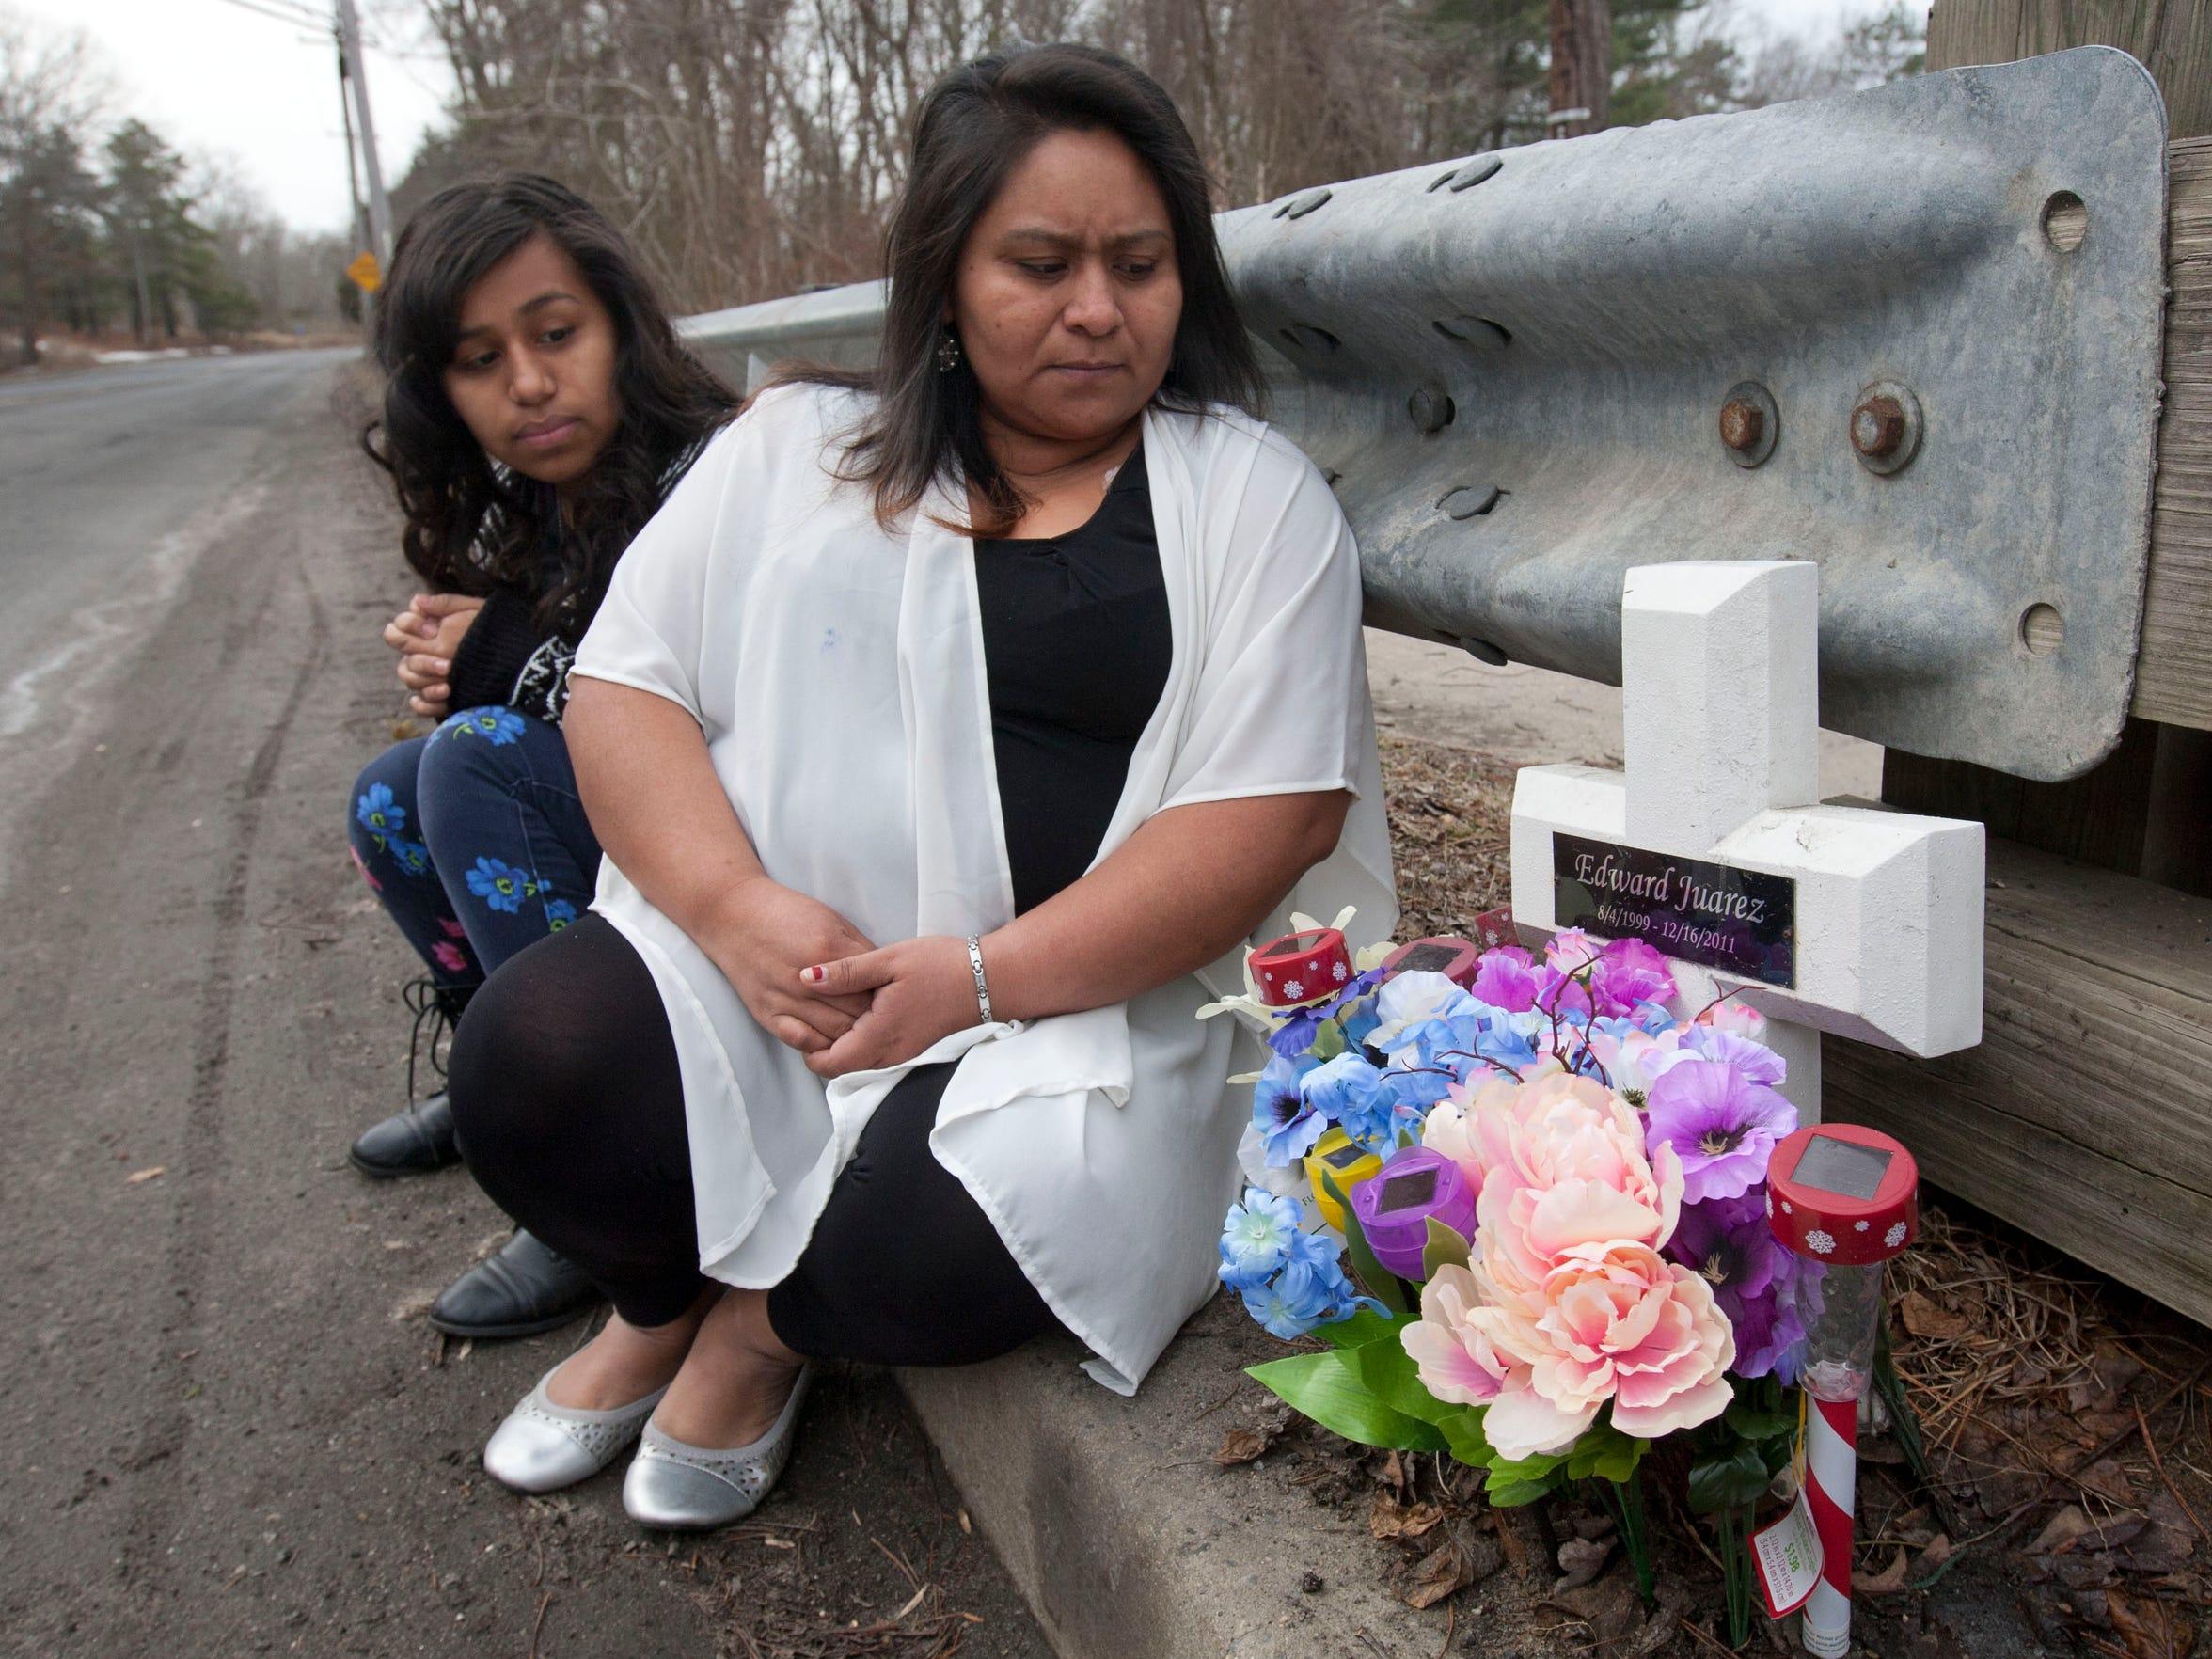 Alberta Juarez (right), Lakewood, with her daughter